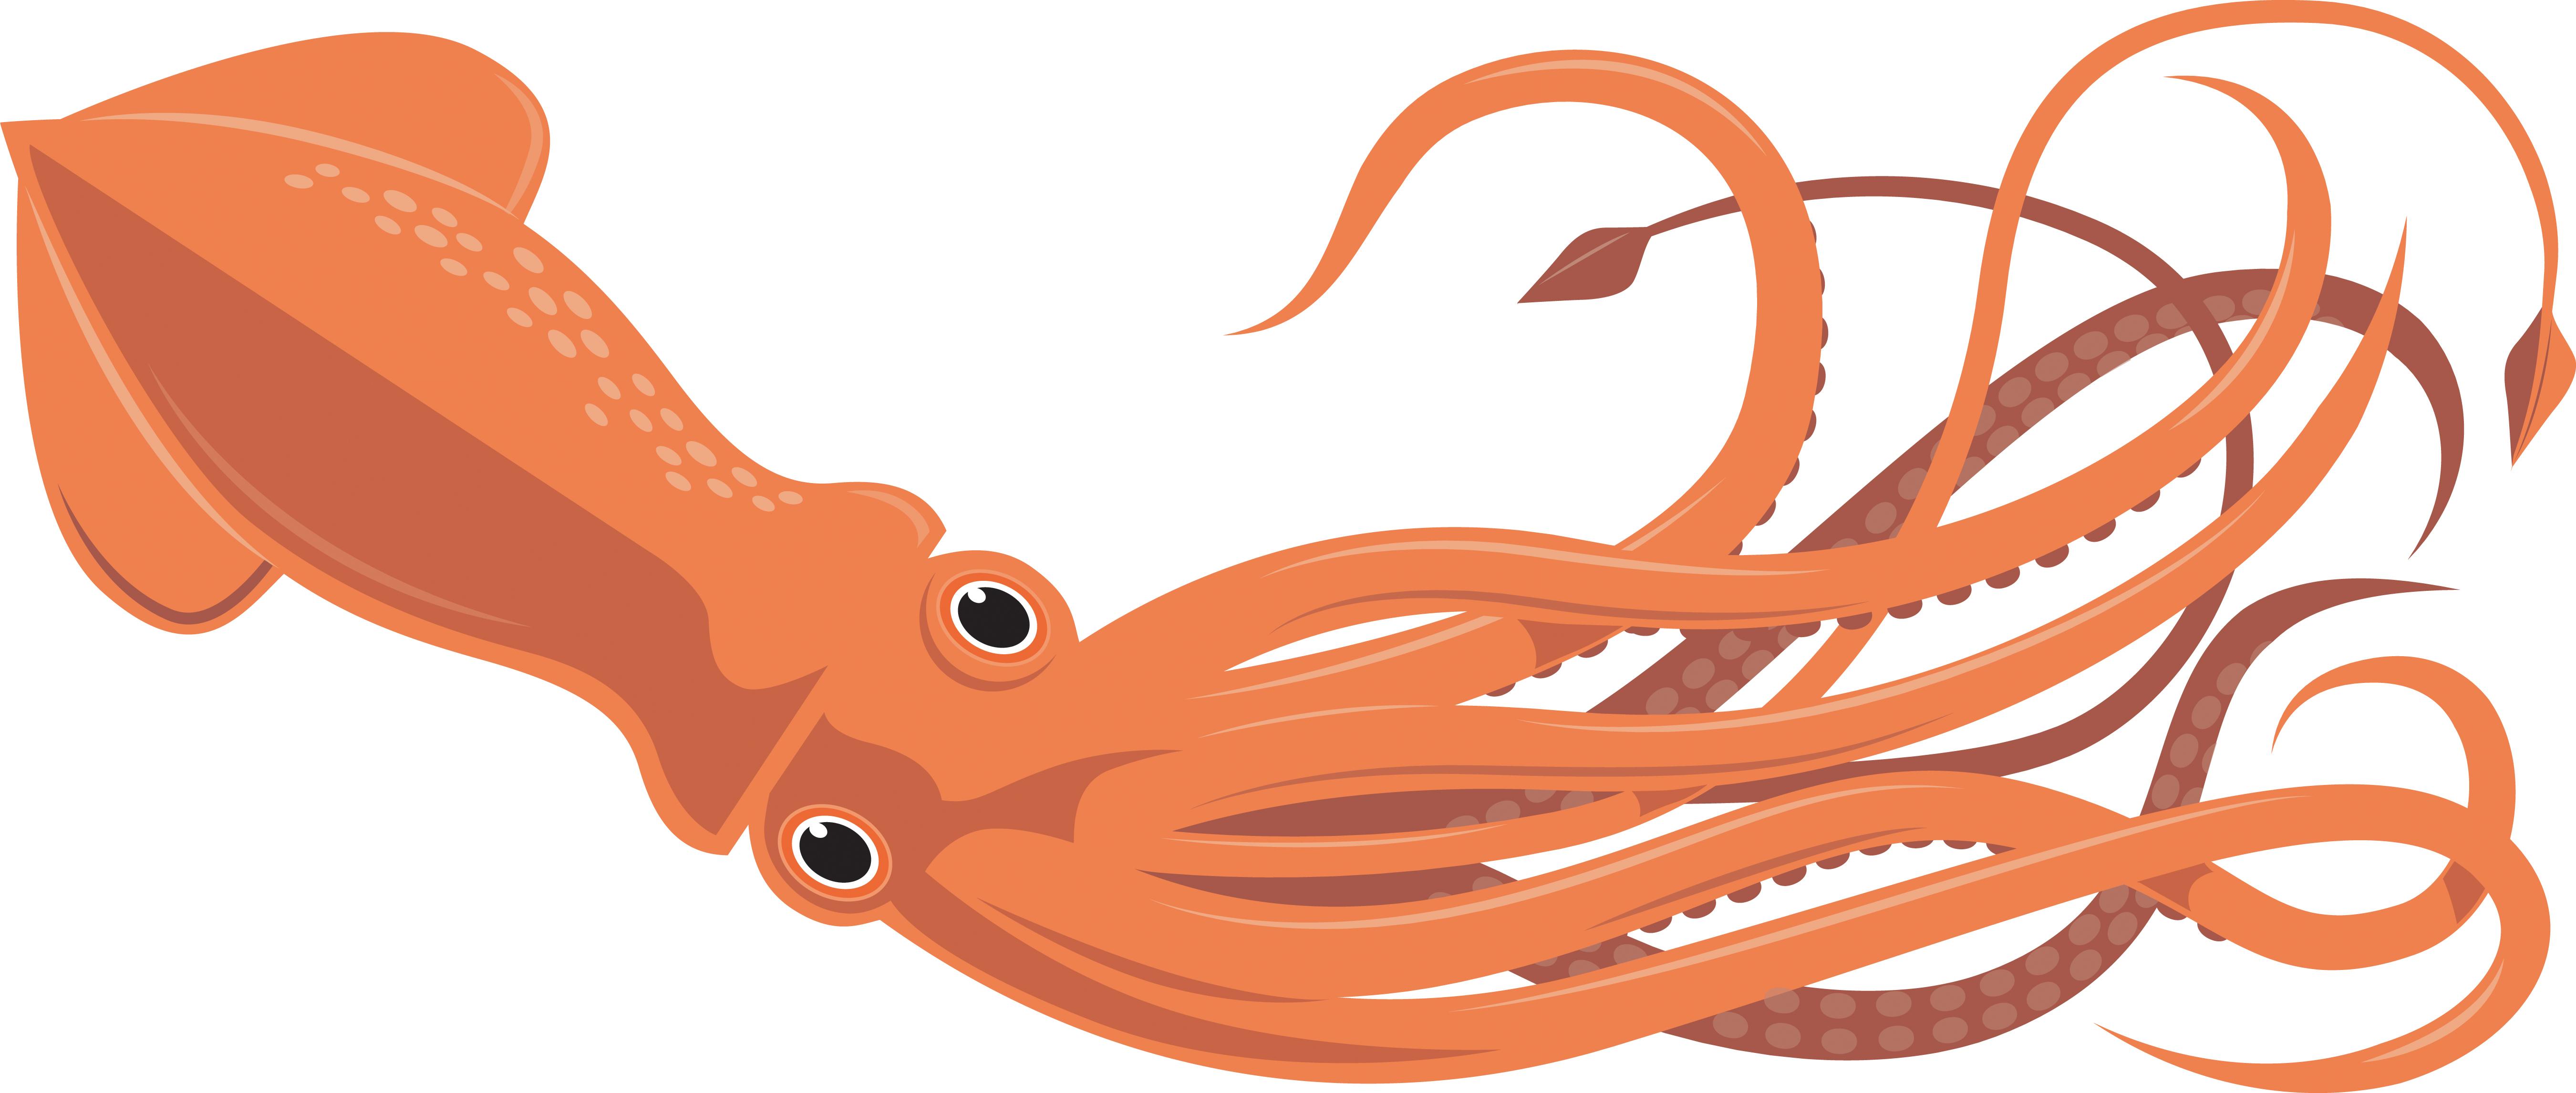 5401x2292 Squid Clipart Free Clip Art